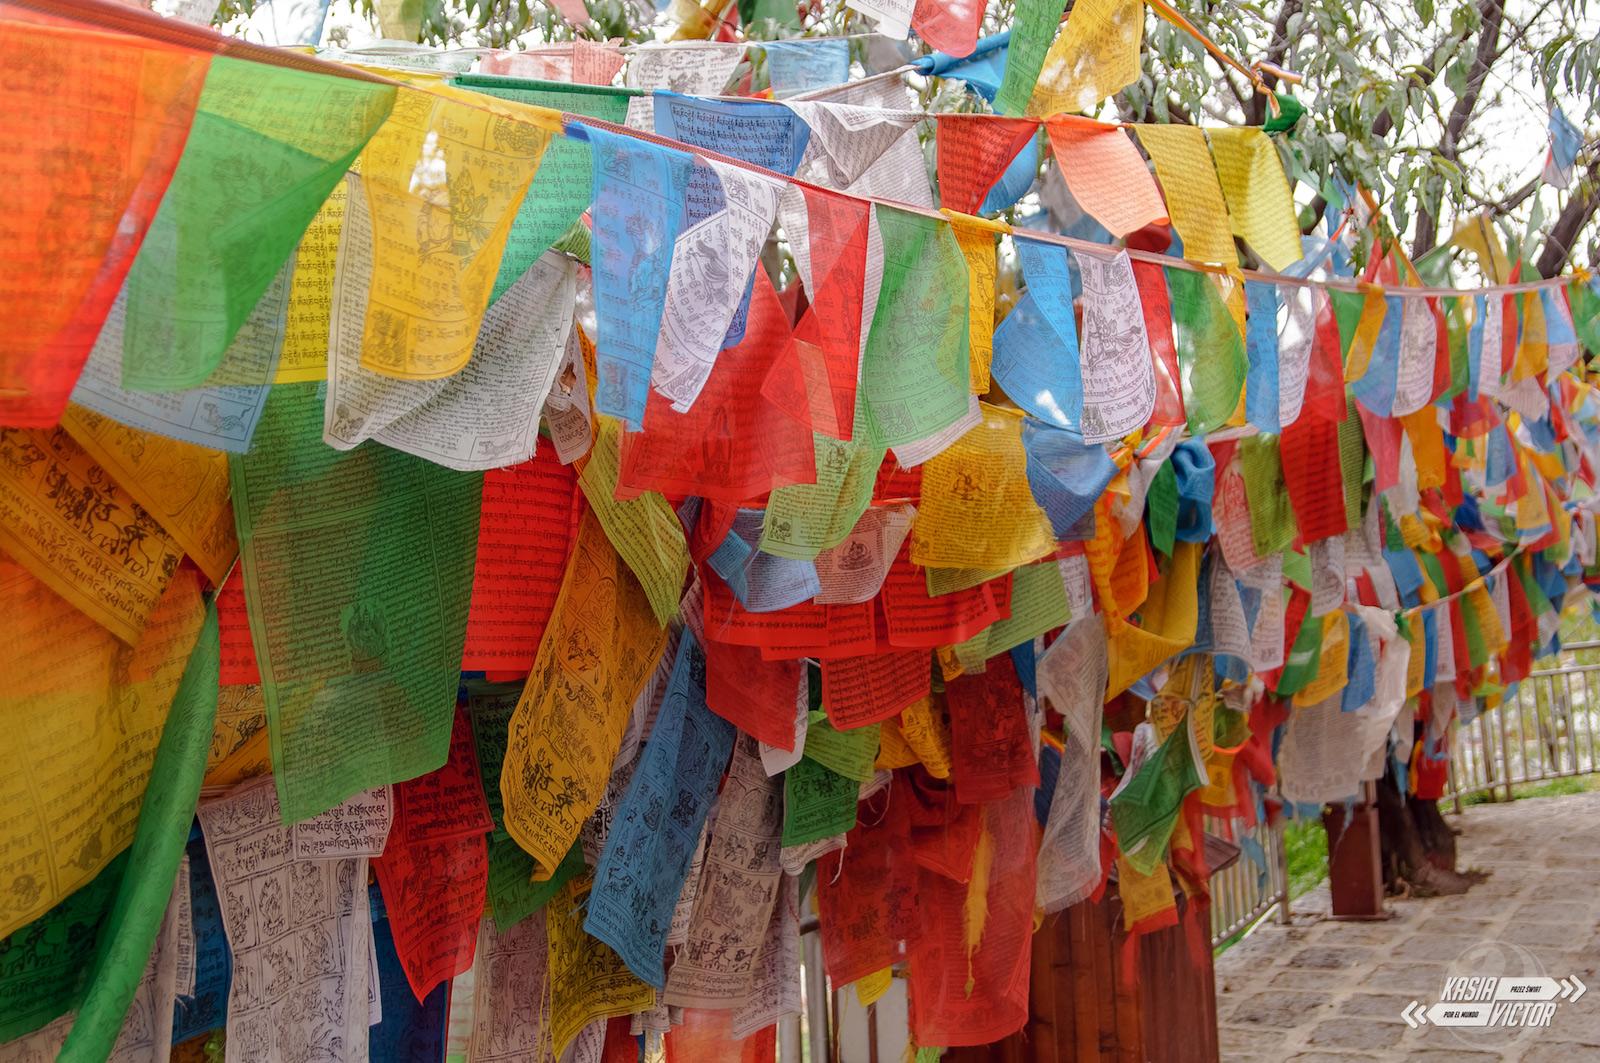 Chiny Shangri La na tybetańskim szlaku